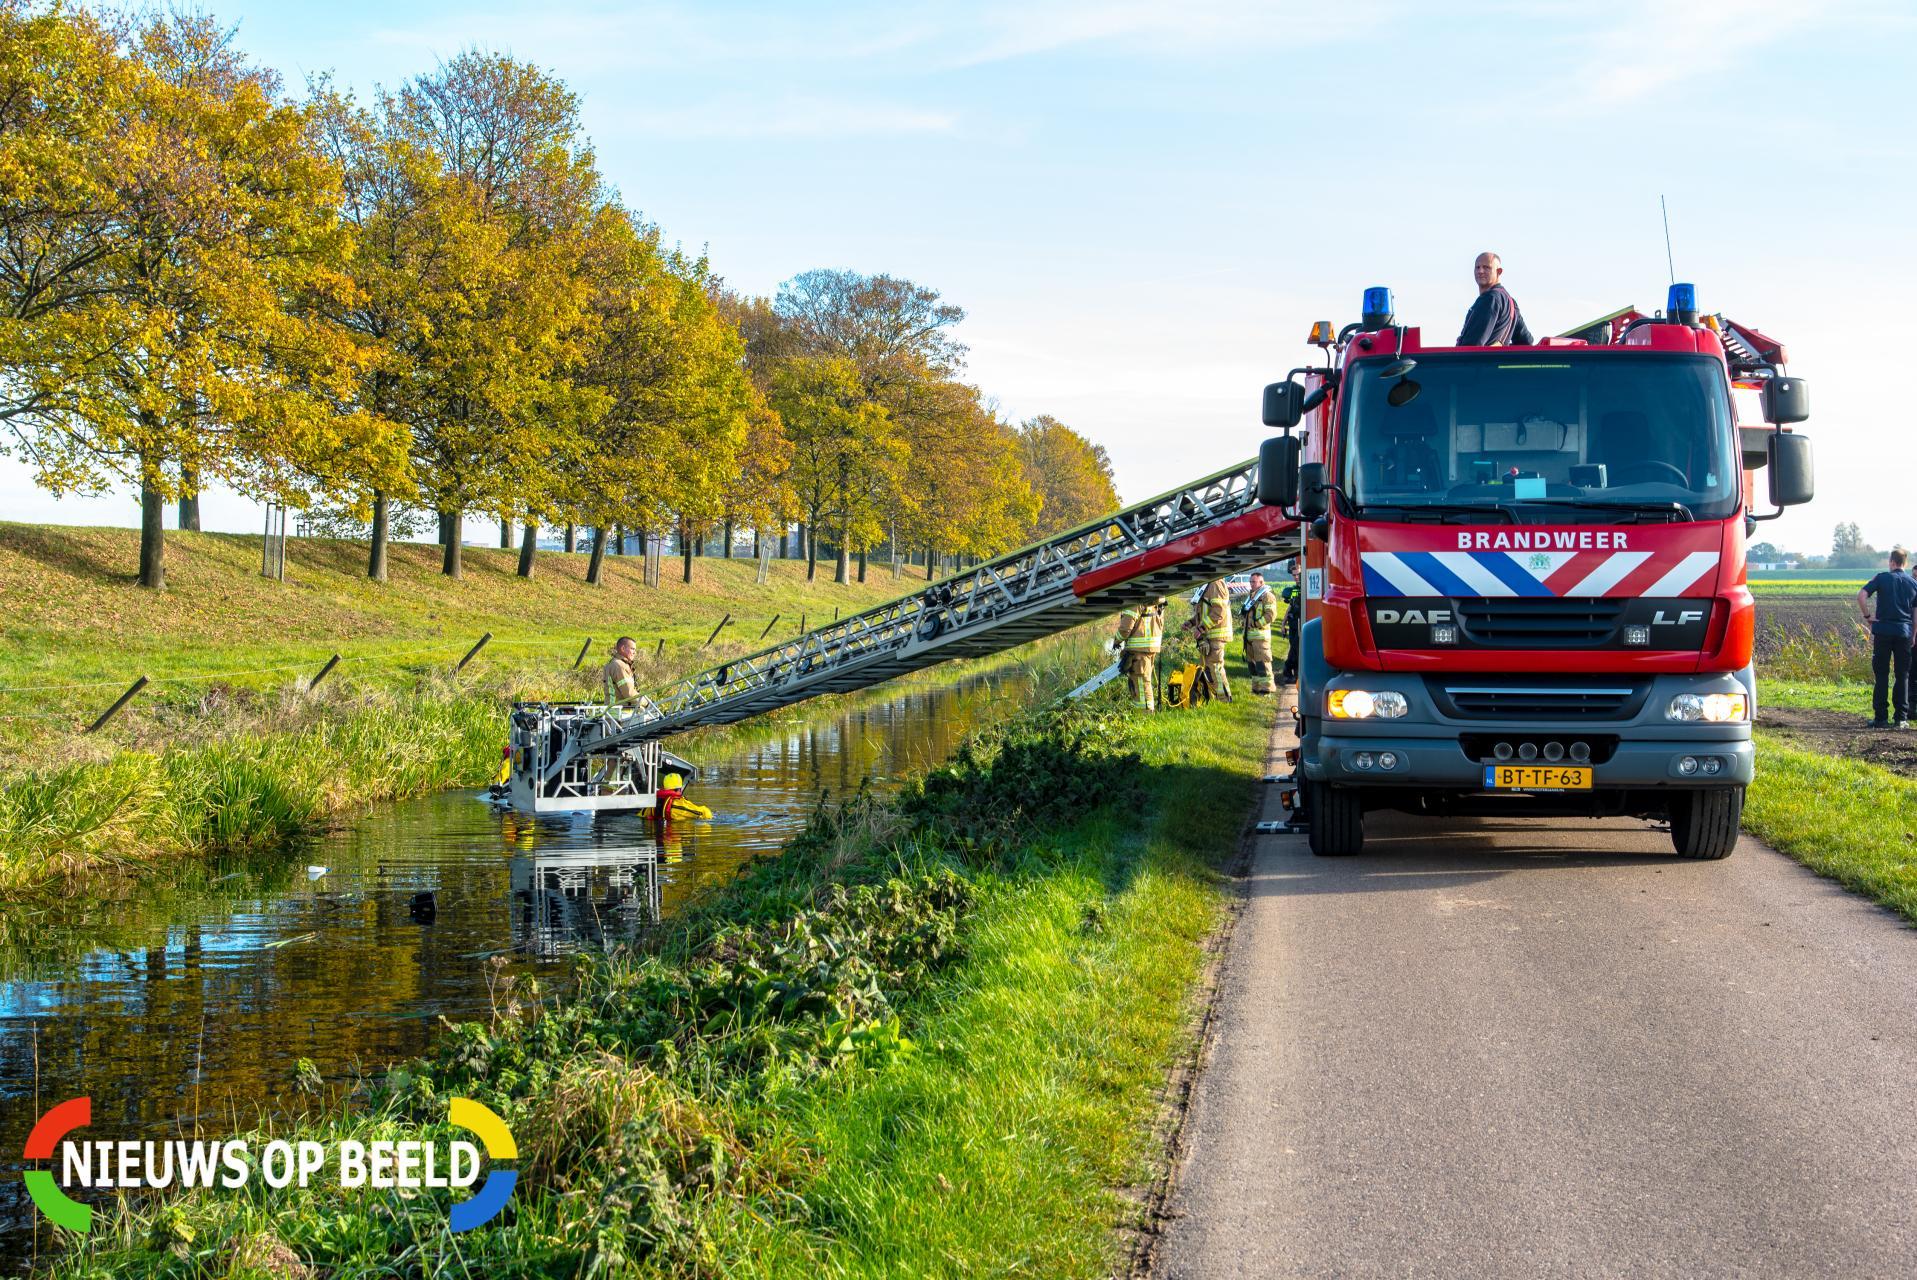 Inzittenden te water geraakte auto gevlucht Molenpolderse Zeedijk Rhoon